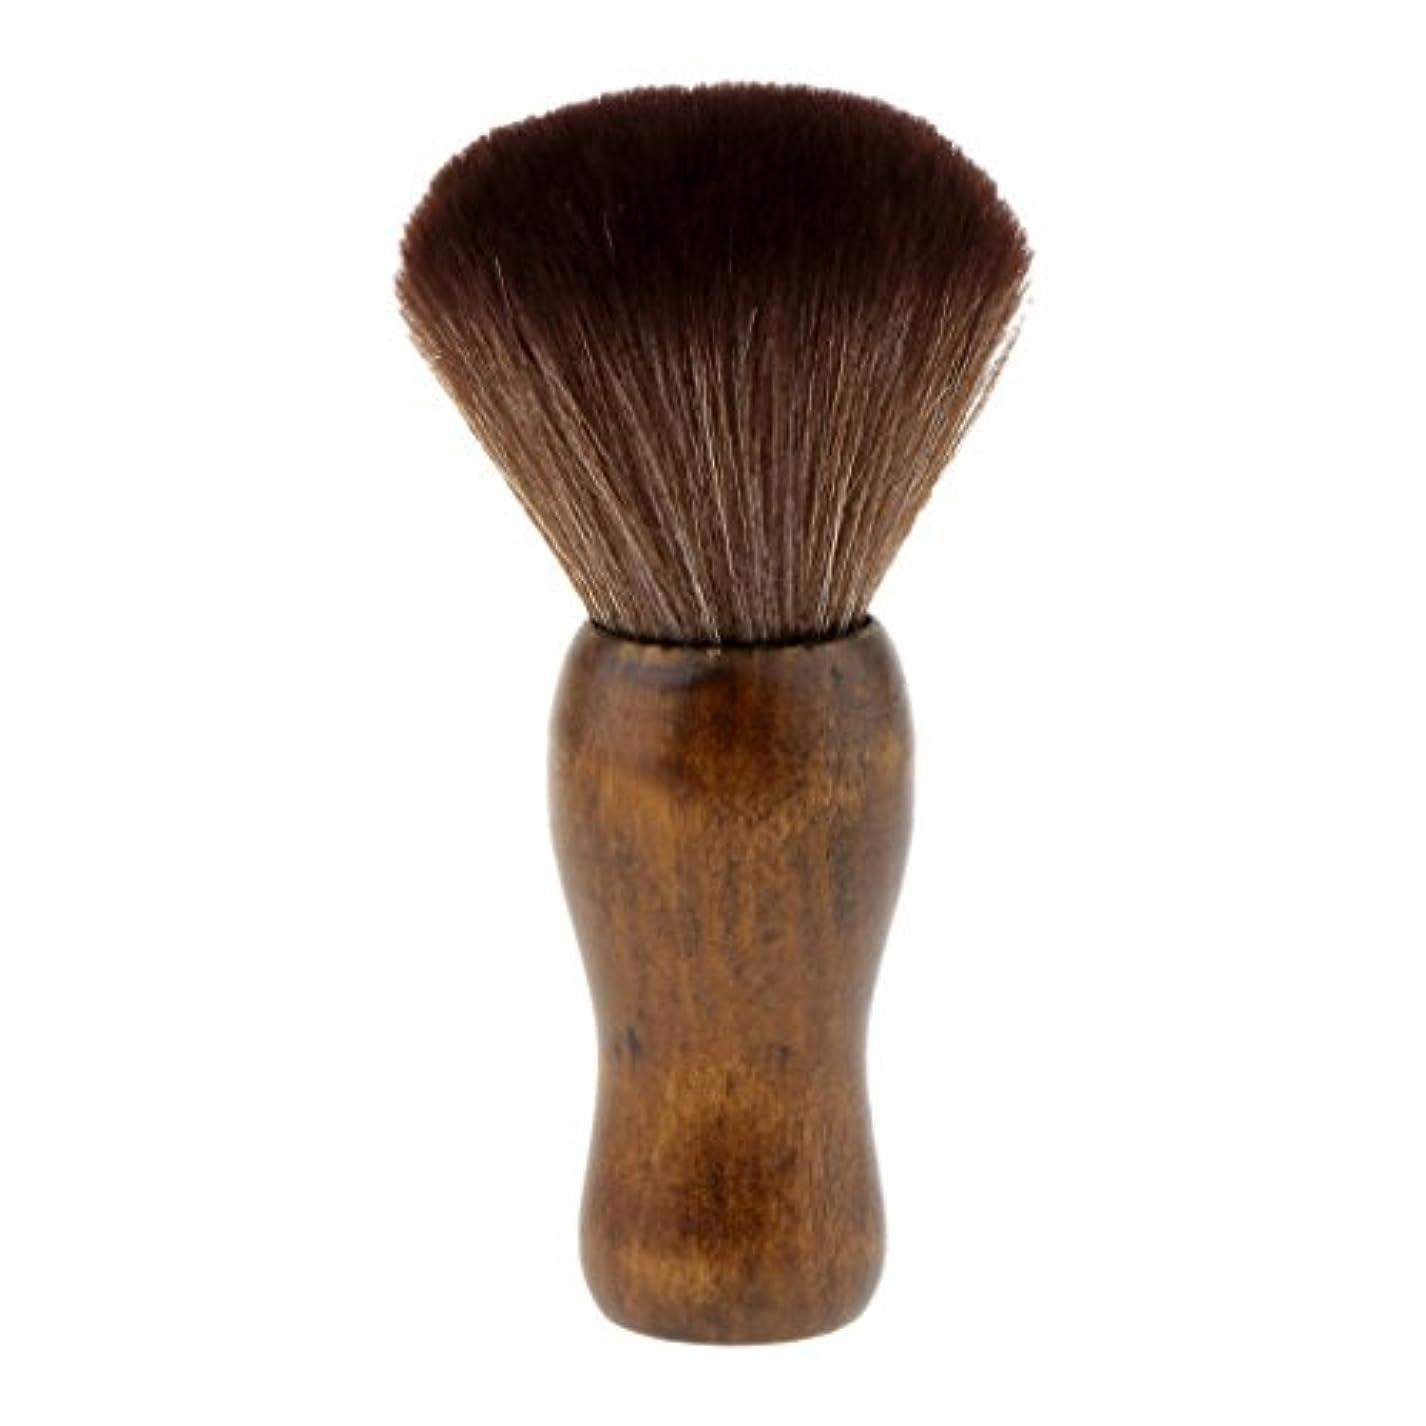 手荷物祈る派手Homyl シェービングブラシ シェービング 洗顔 ブラシ メイクブラシ ソフト 快適 シェービングツール 2色選べる - 褐色